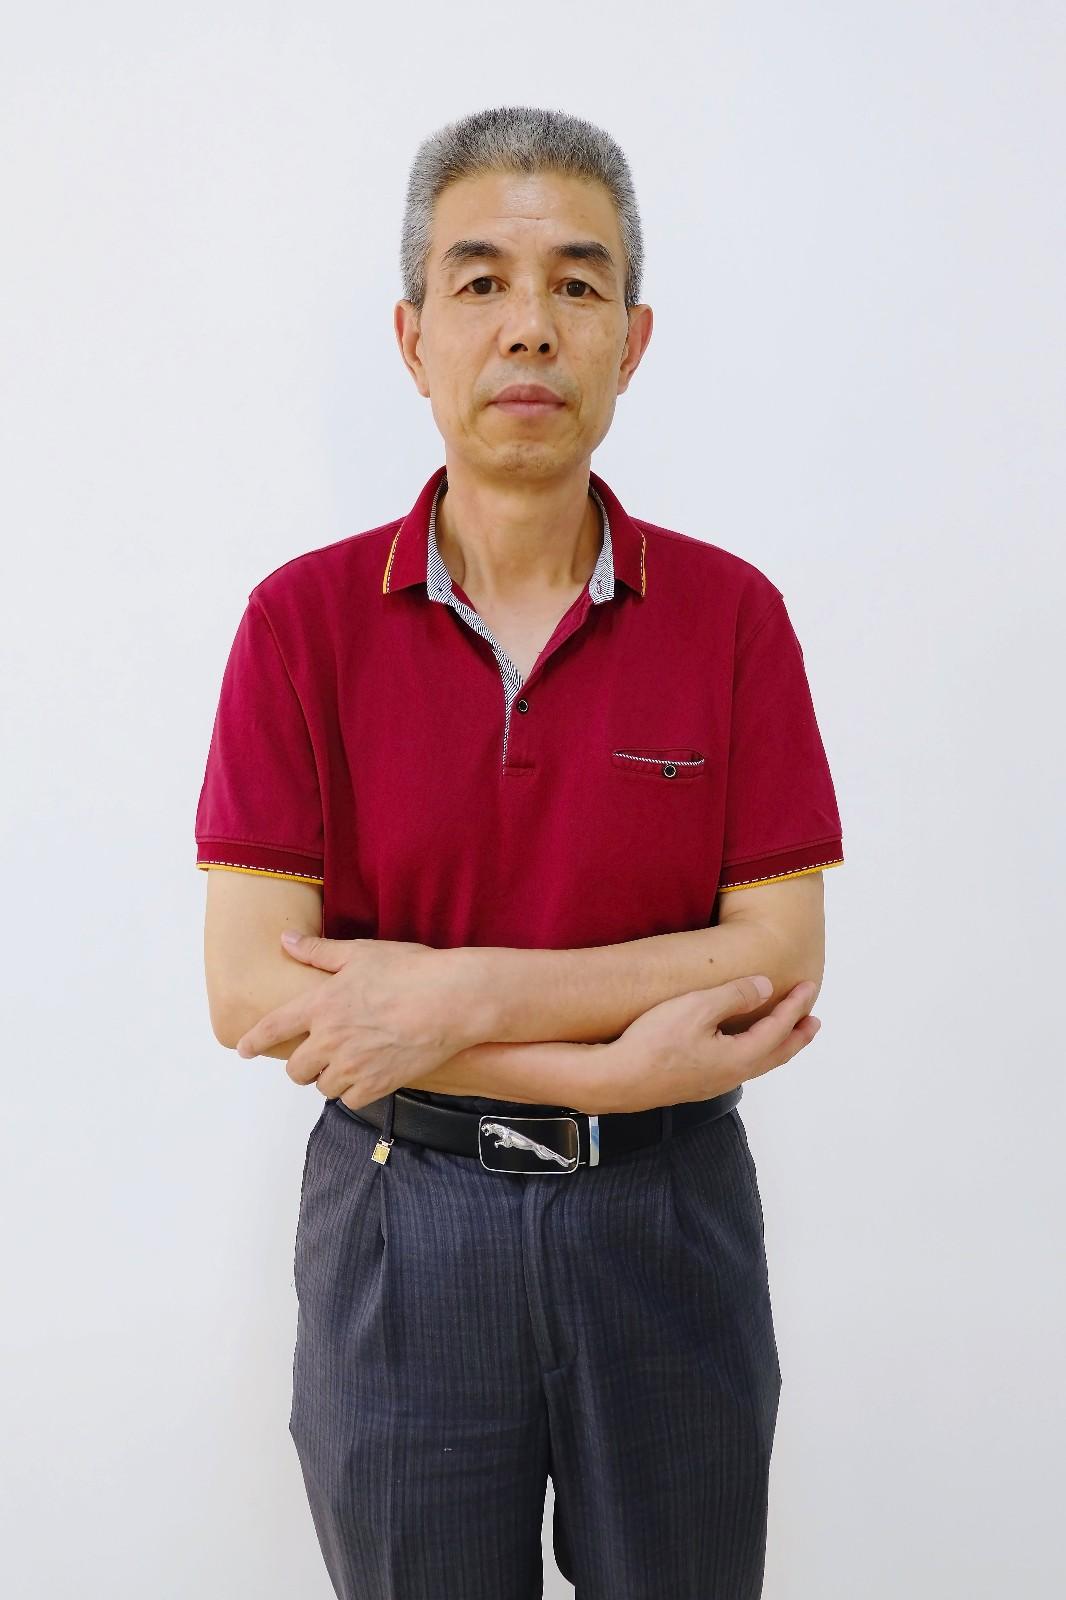 黄冈名师、中学数学高级教师-张老师